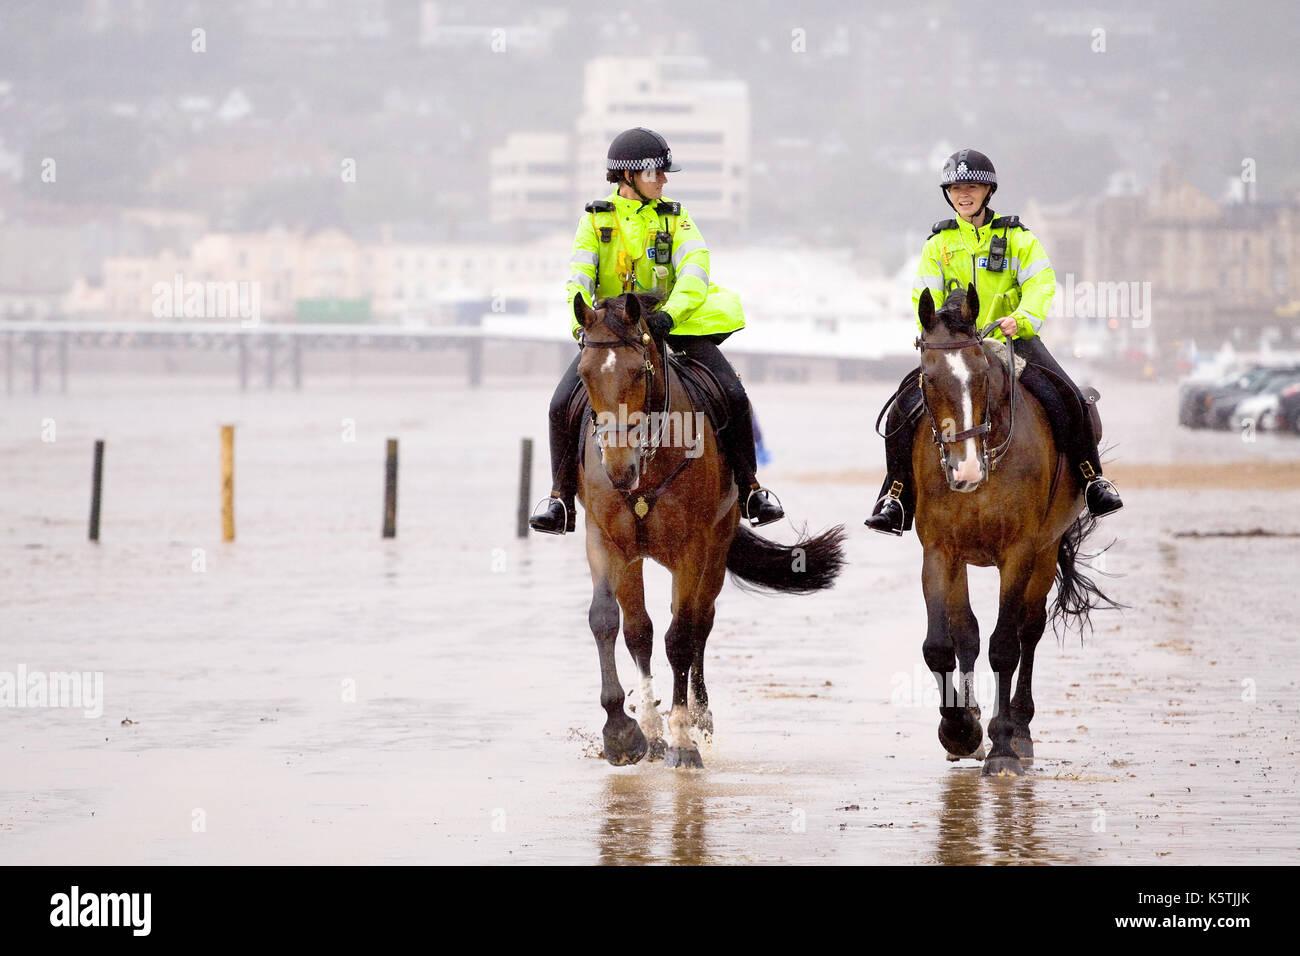 two-mouned-police-woman-on-patrol-in-flu